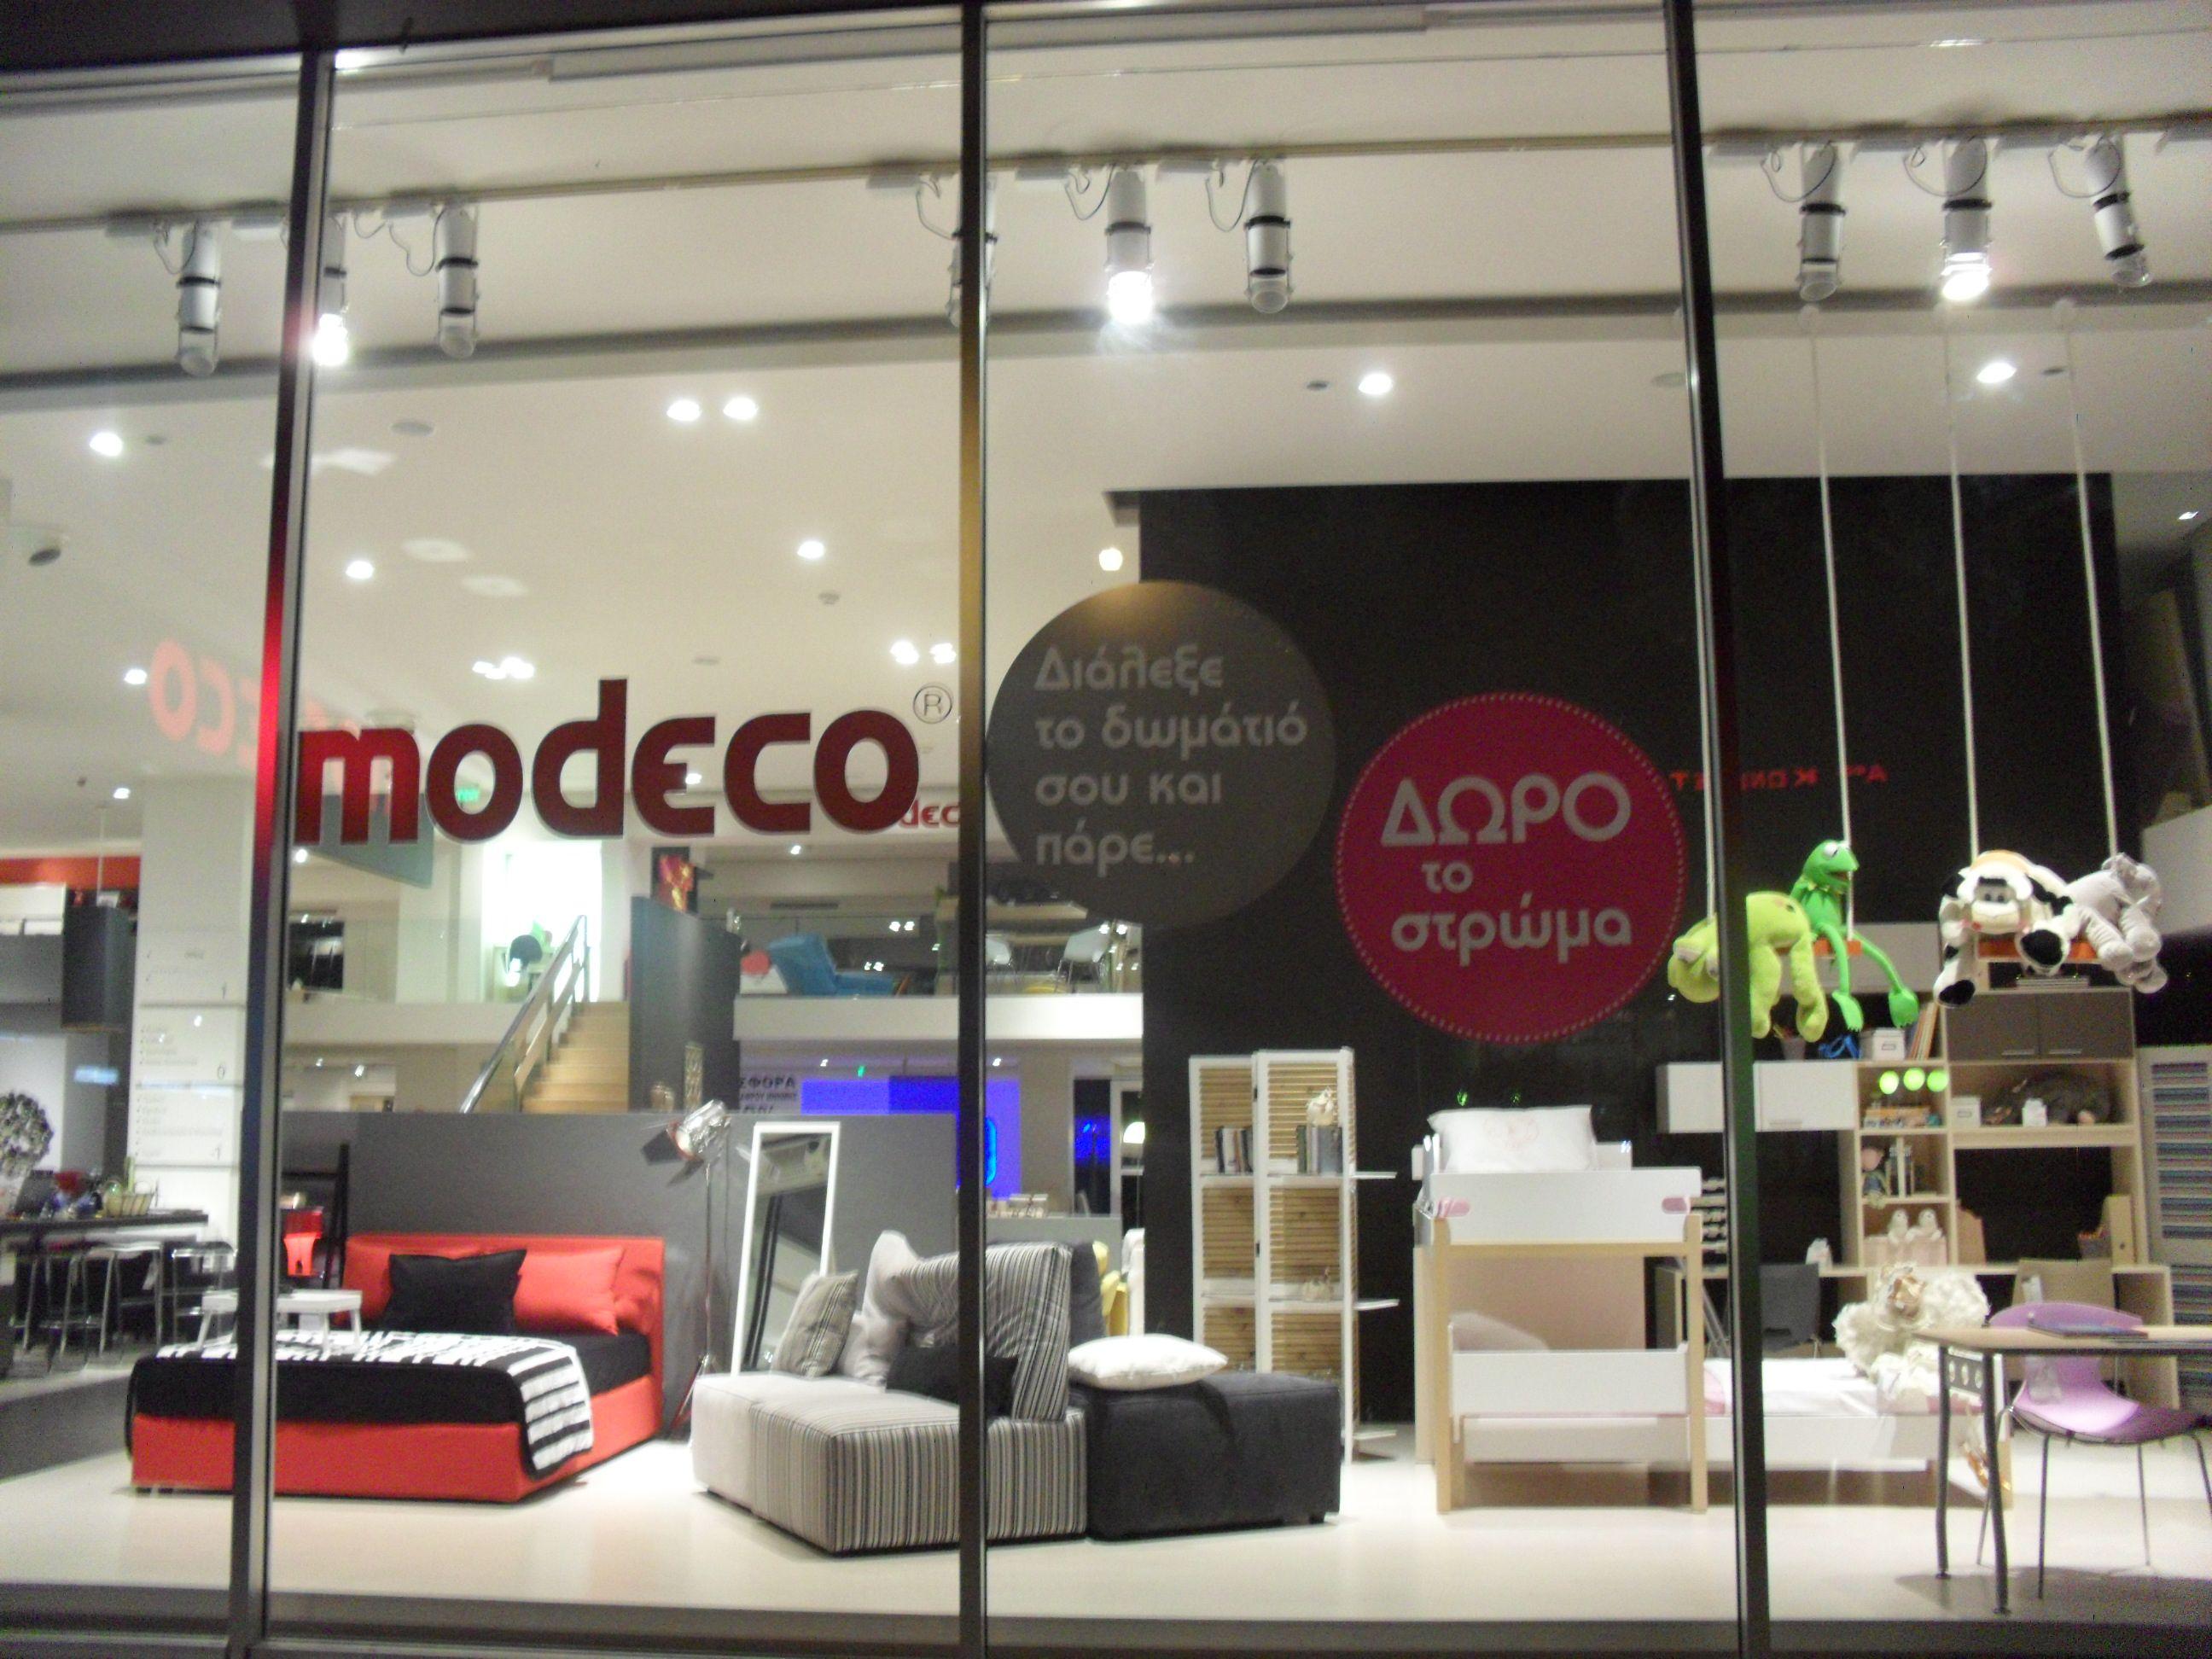 Νέο κατάστημα Modeco στην Πάτρα! Δείτε όλα μας τα καταστήματα στο http://www.modeco.gr/katastimata/diktuo-katastimatwn/50